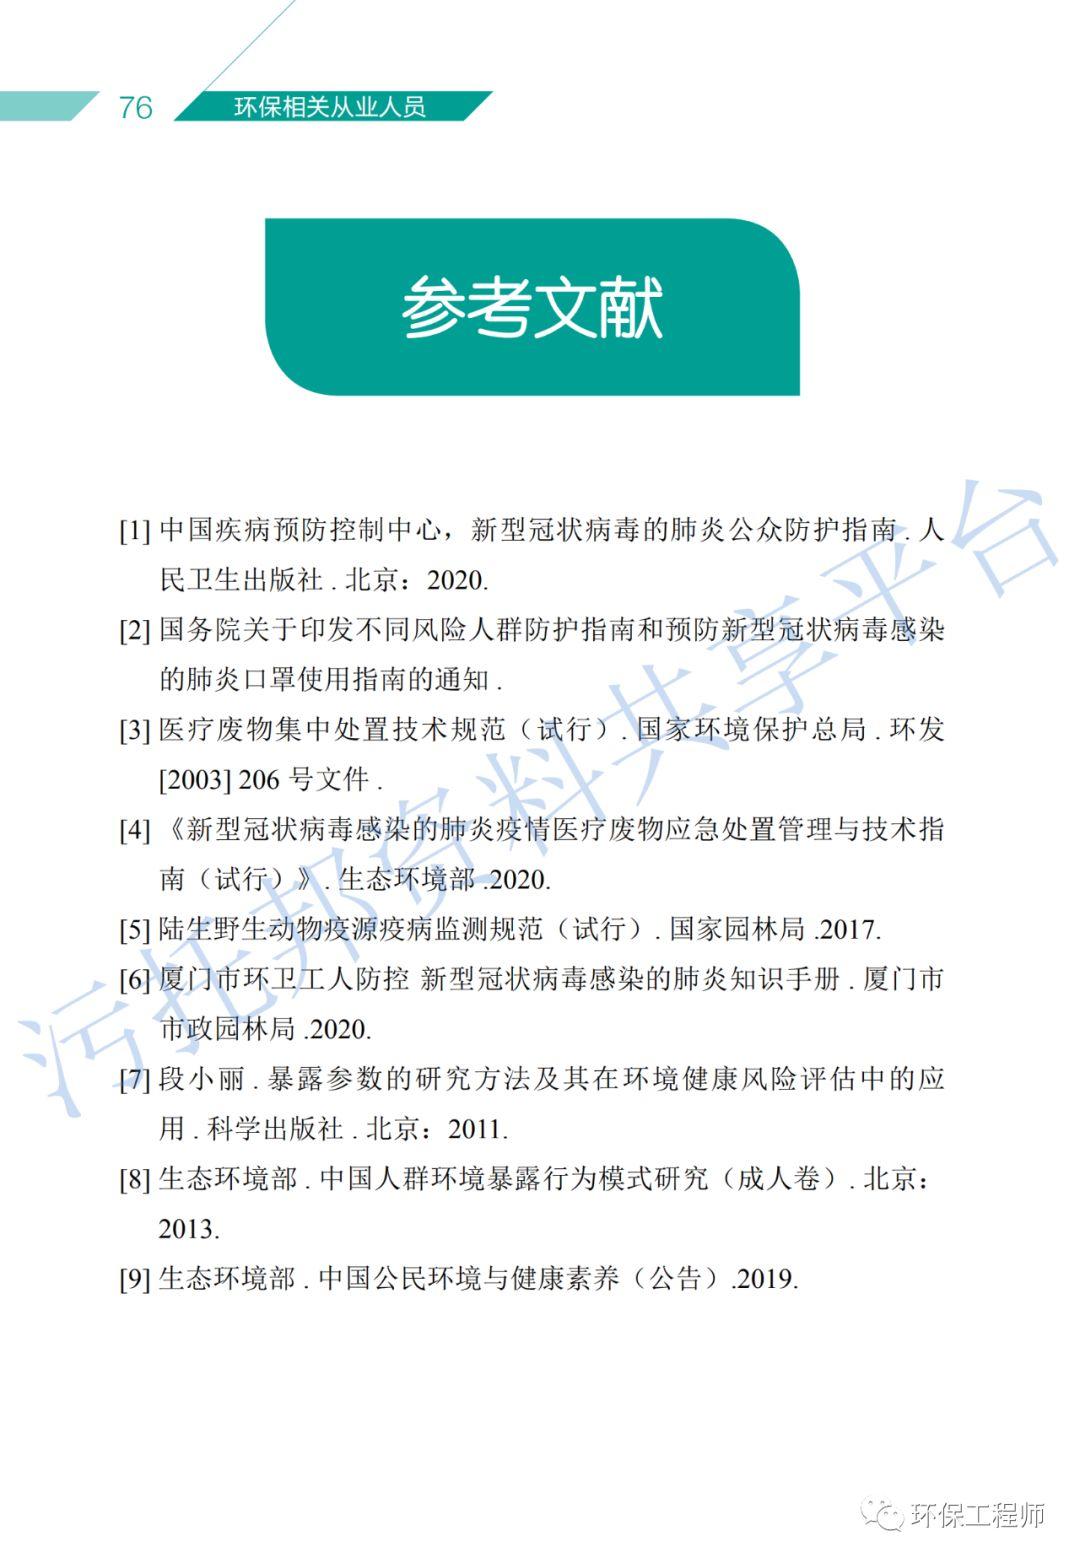 《环保从业人员新型冠状病毒疫情防护手册》_54